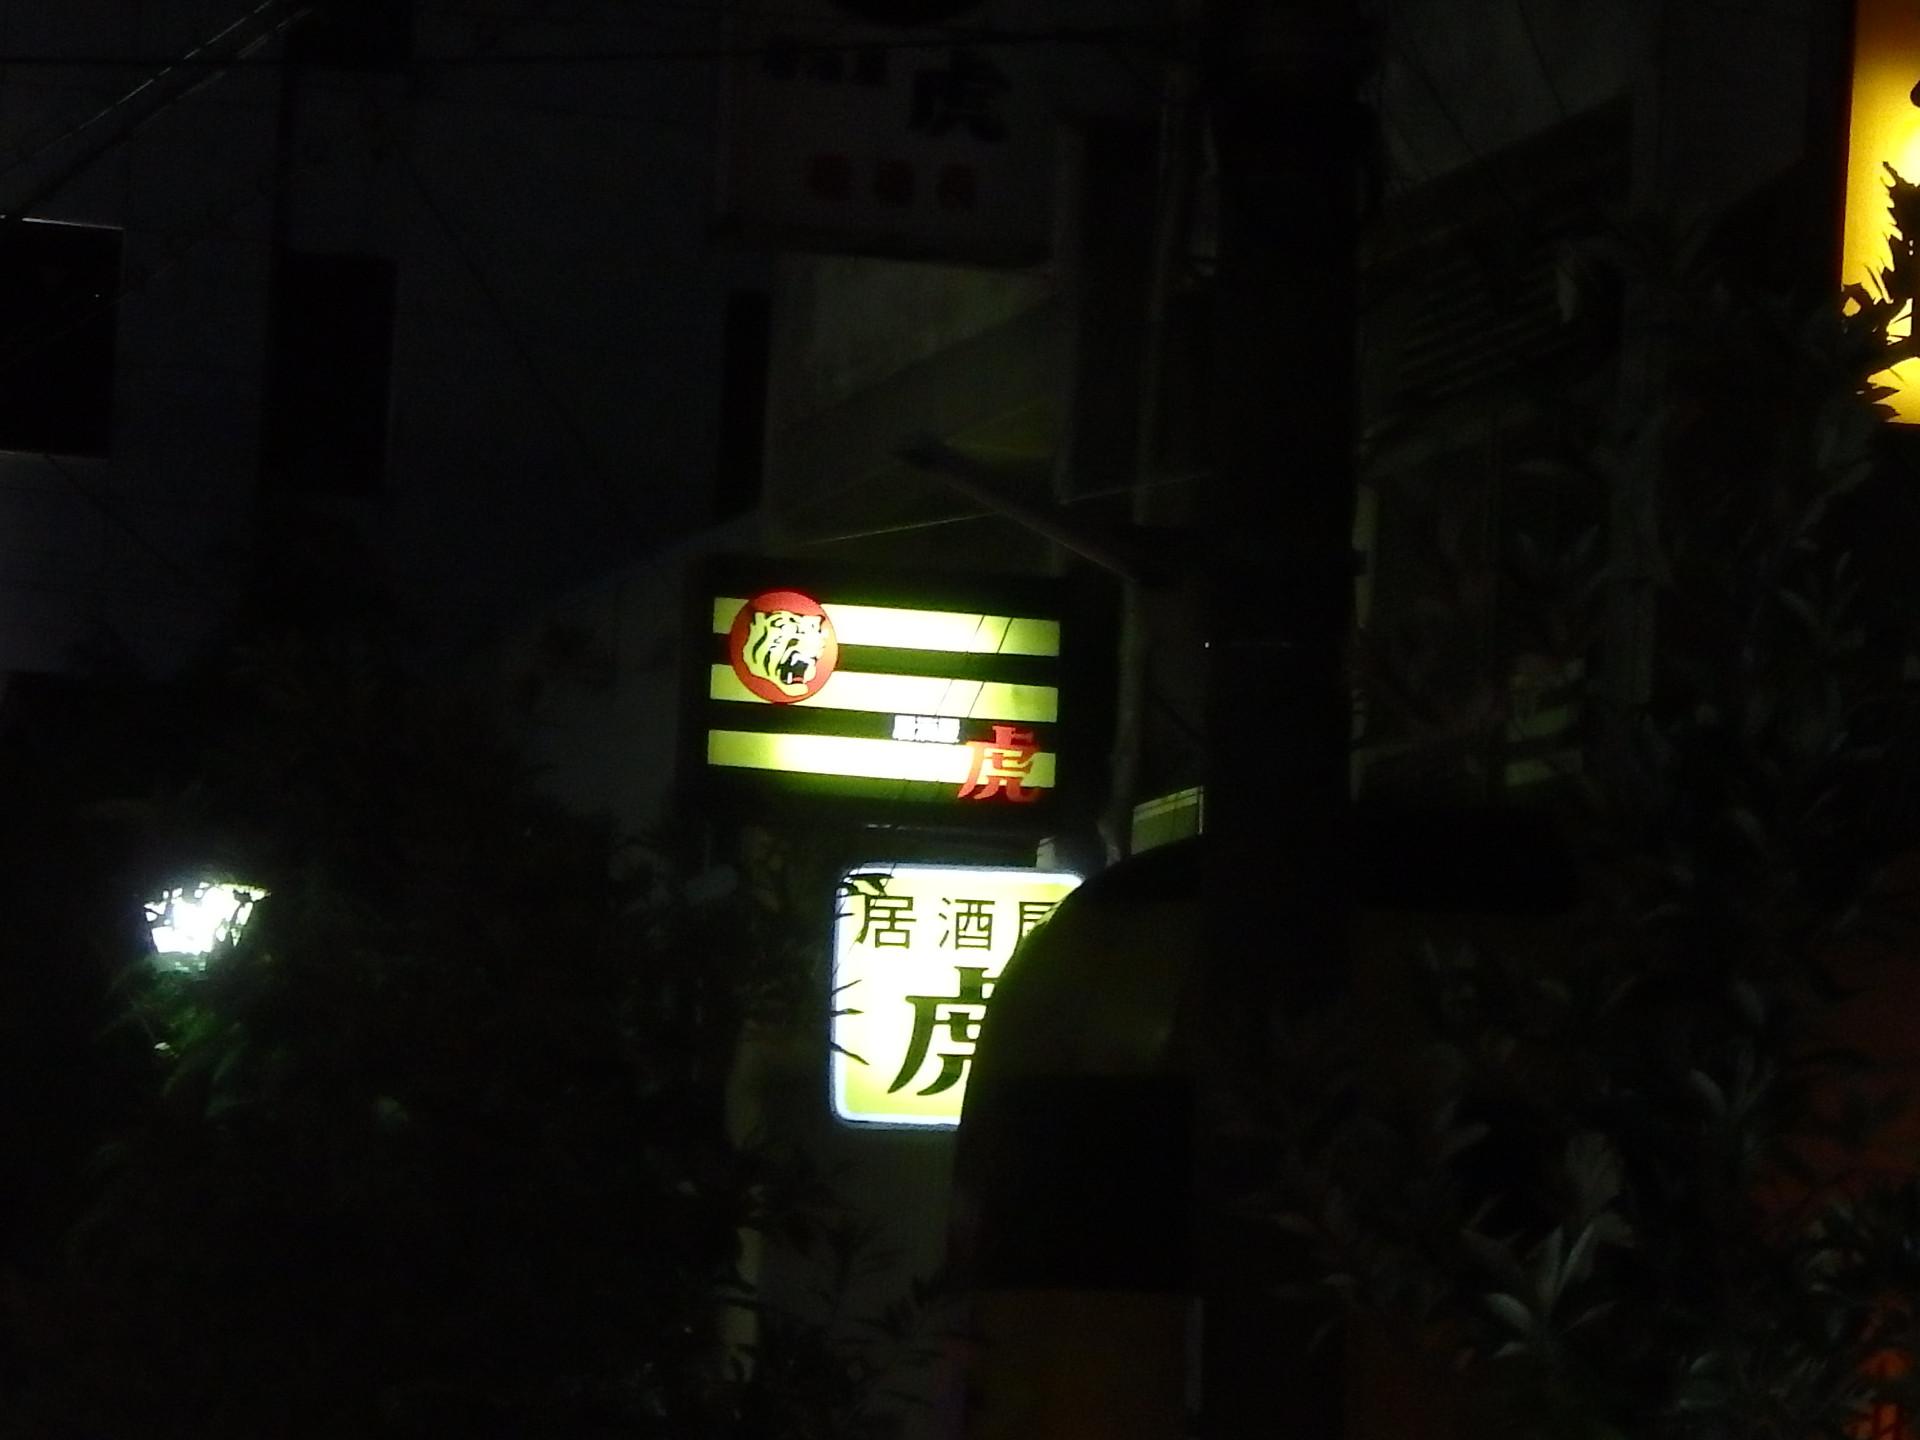 居酒屋「虎」です。